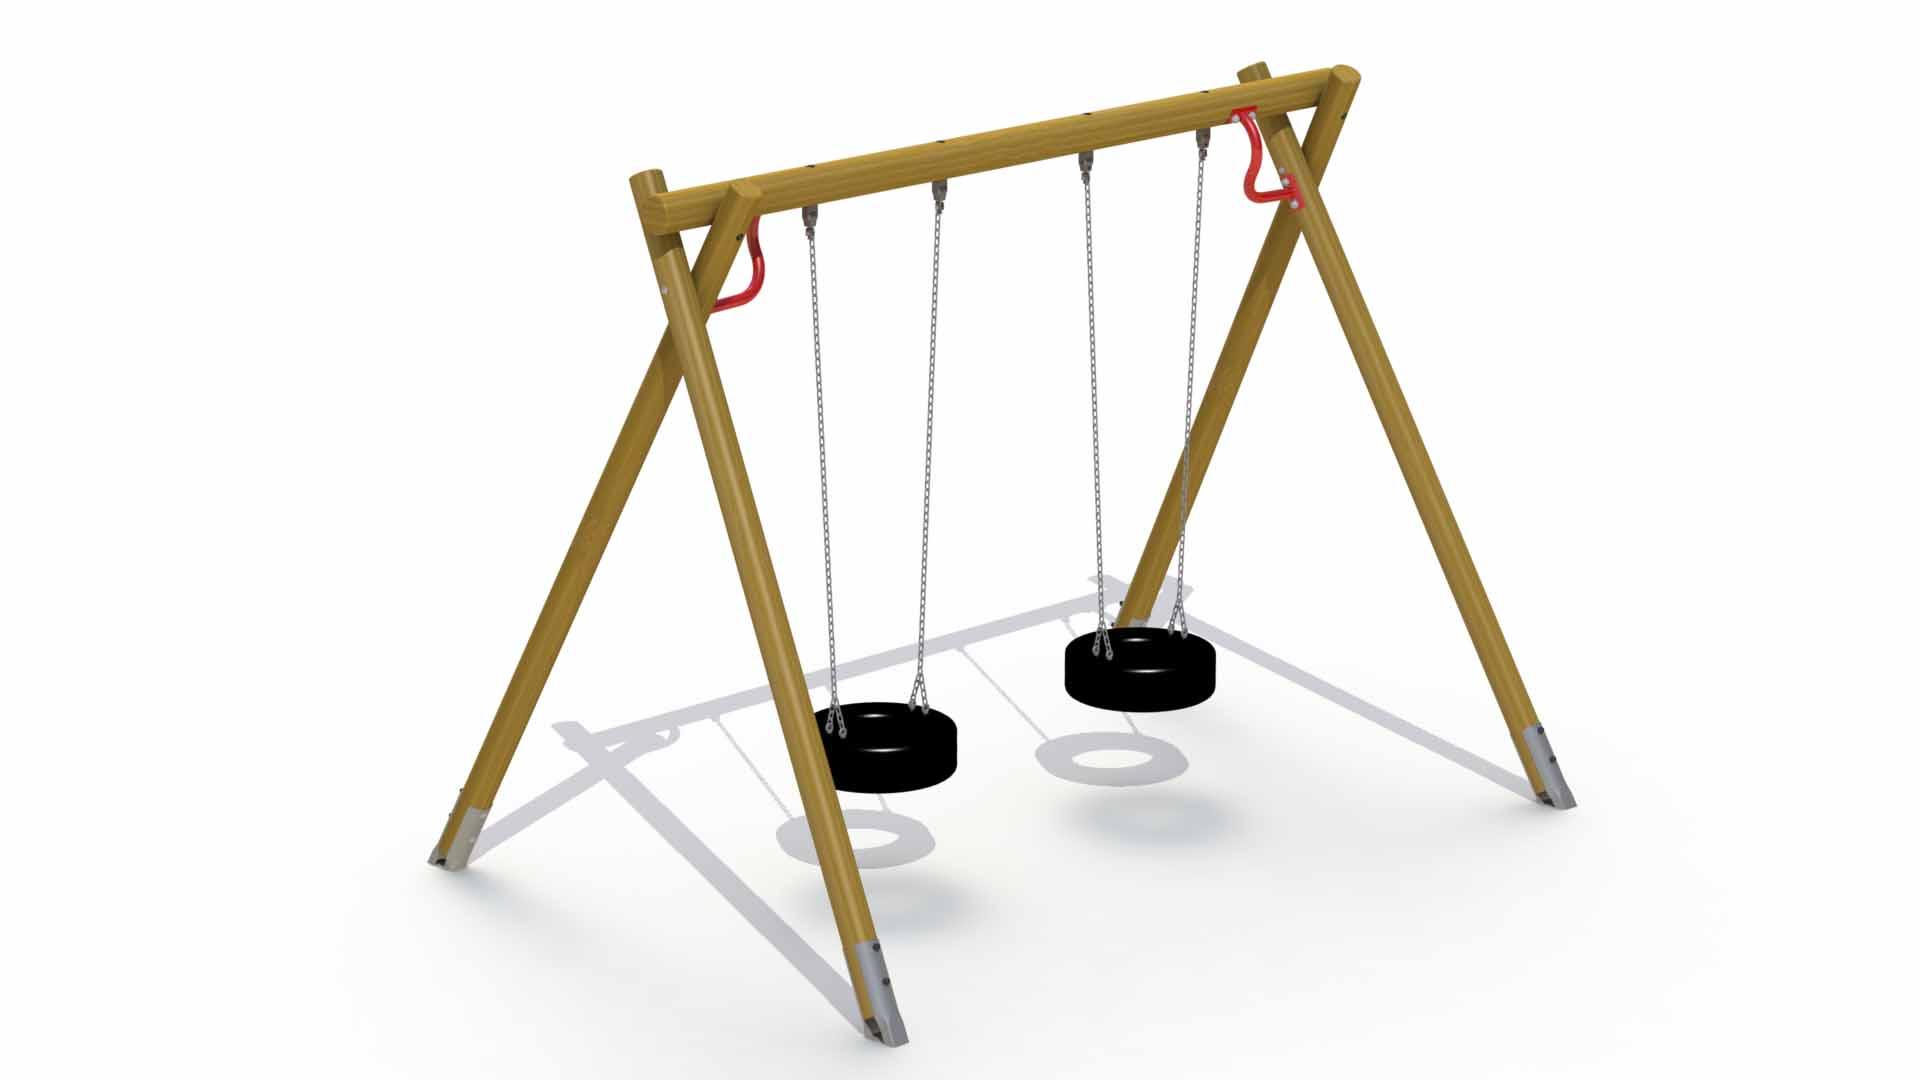 Heavy Swing (2 Swing Tyres)